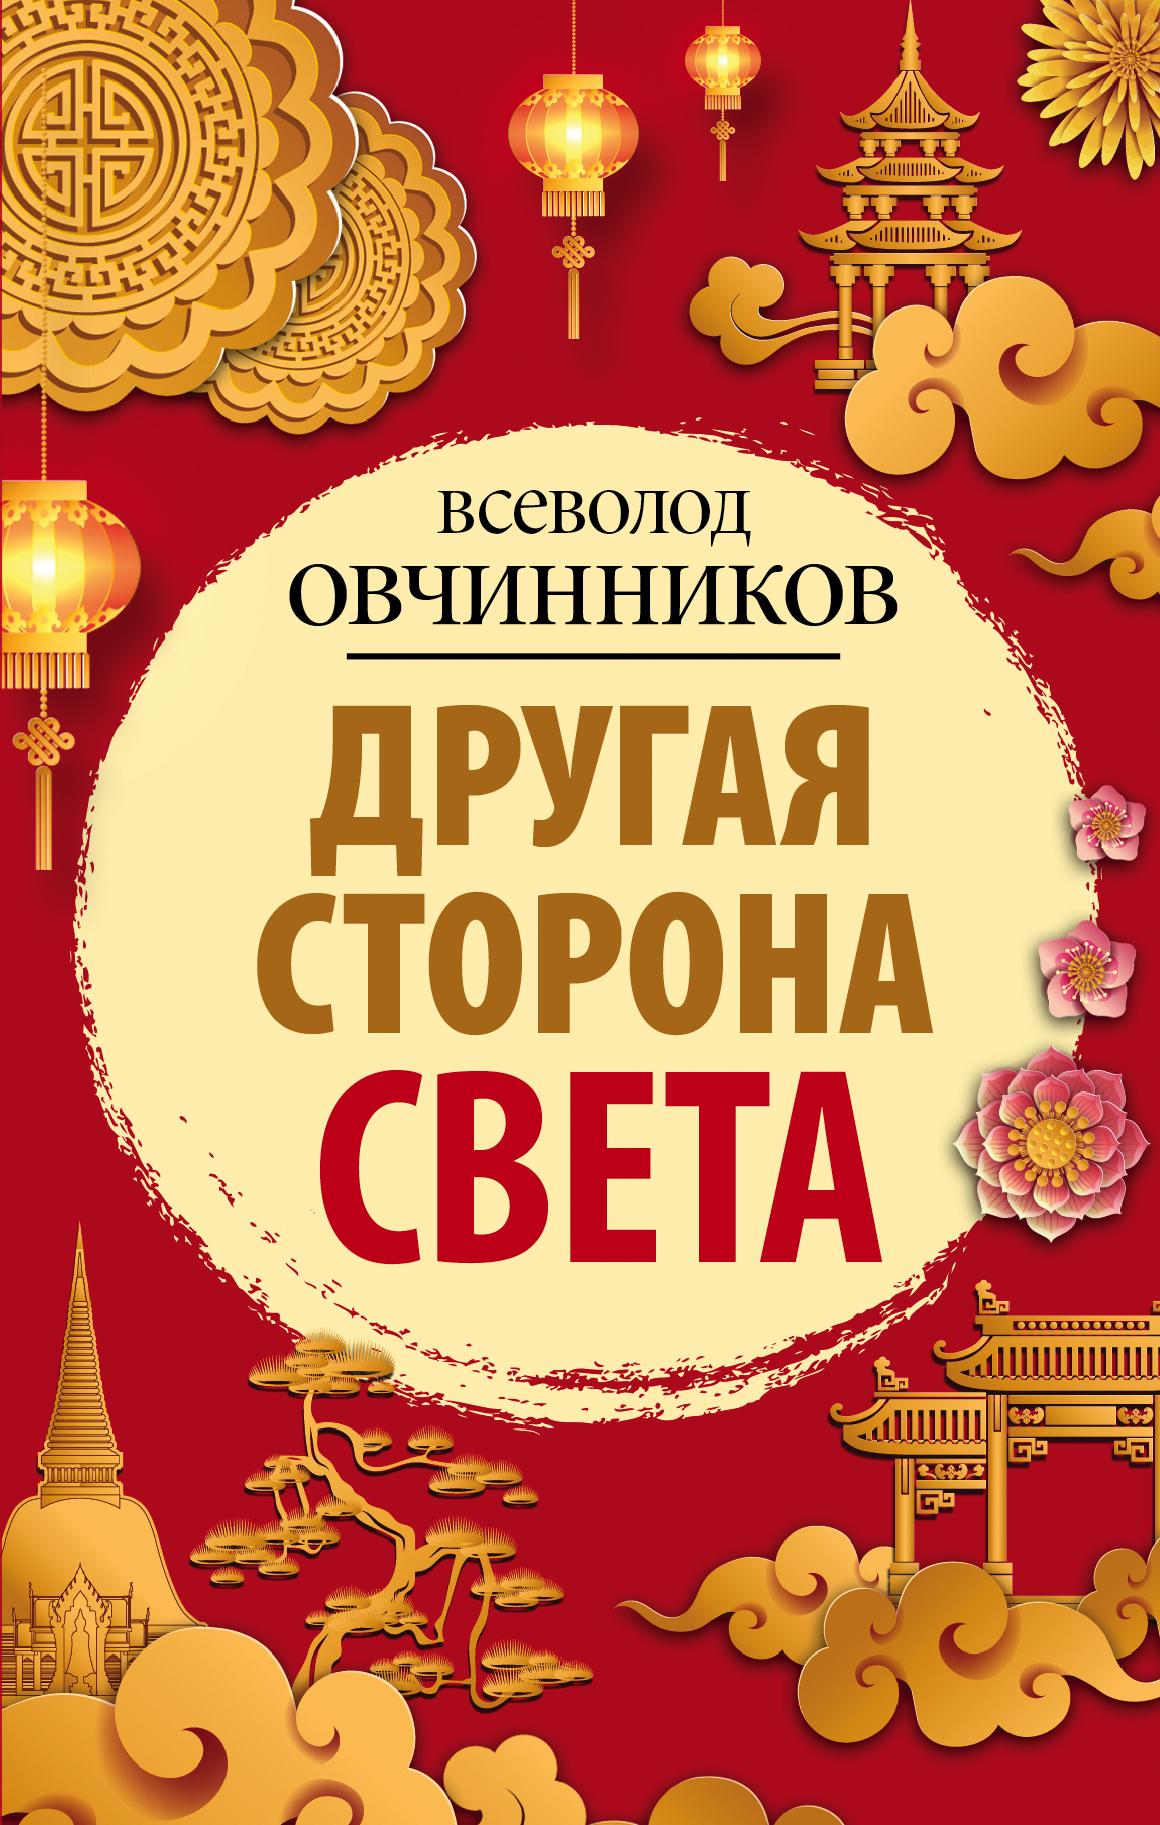 Всеволод Овчинников Другая сторона света (сборник) цена и фото